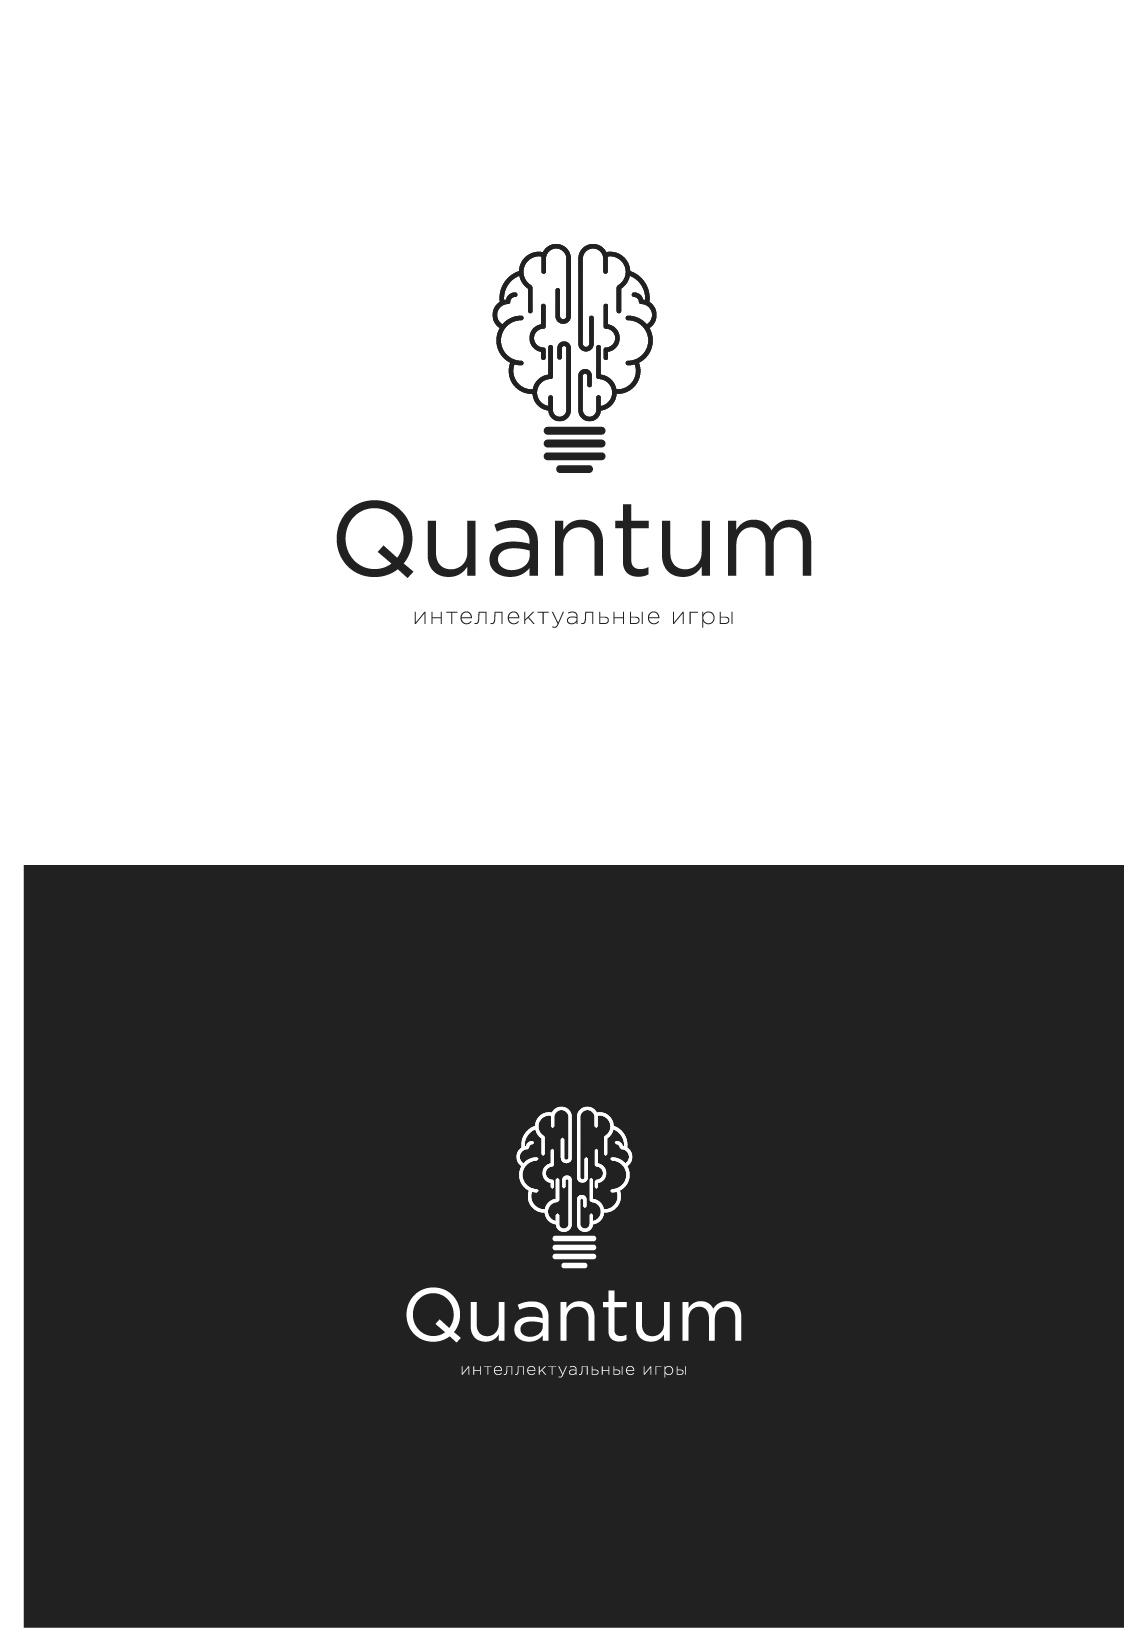 Редизайн логотипа бренда интеллектуальной игры фото f_6585bc881d3585e5.jpg